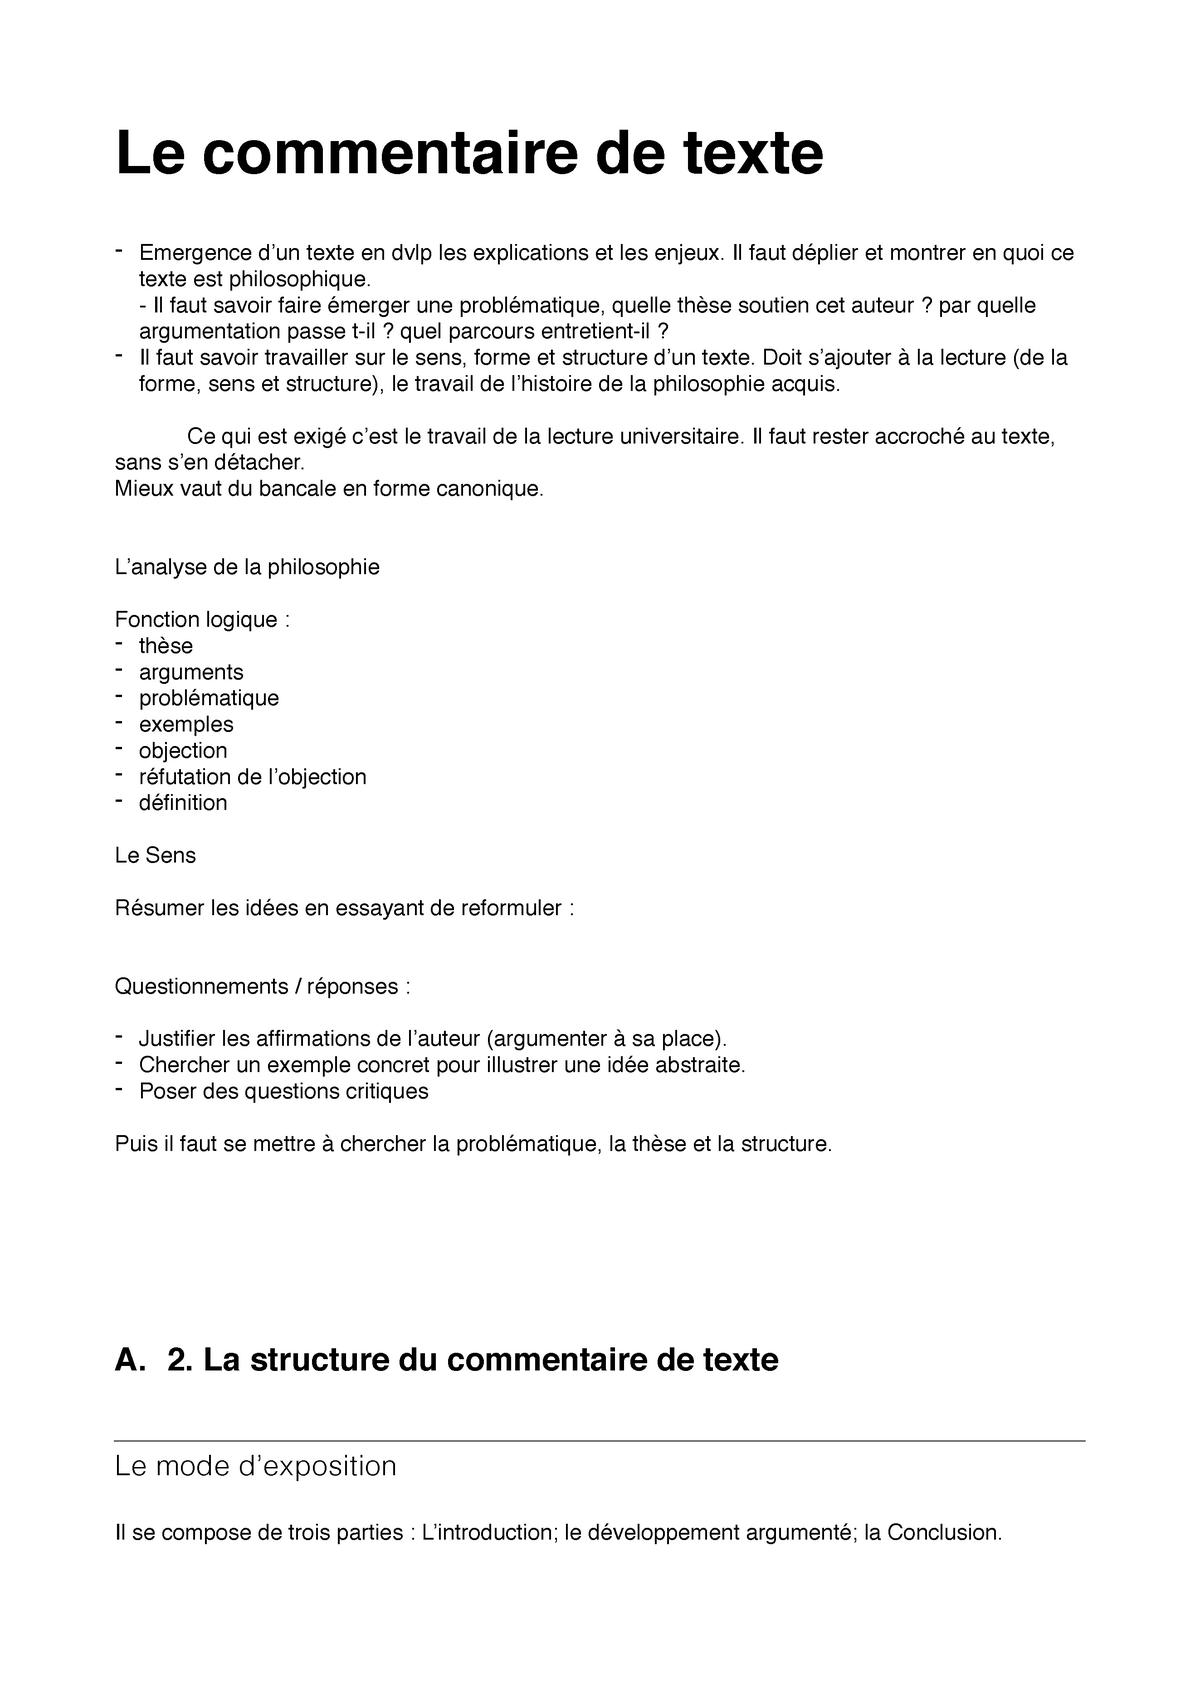 Exemple D Introduction De Commentaire De Texte Philosophique